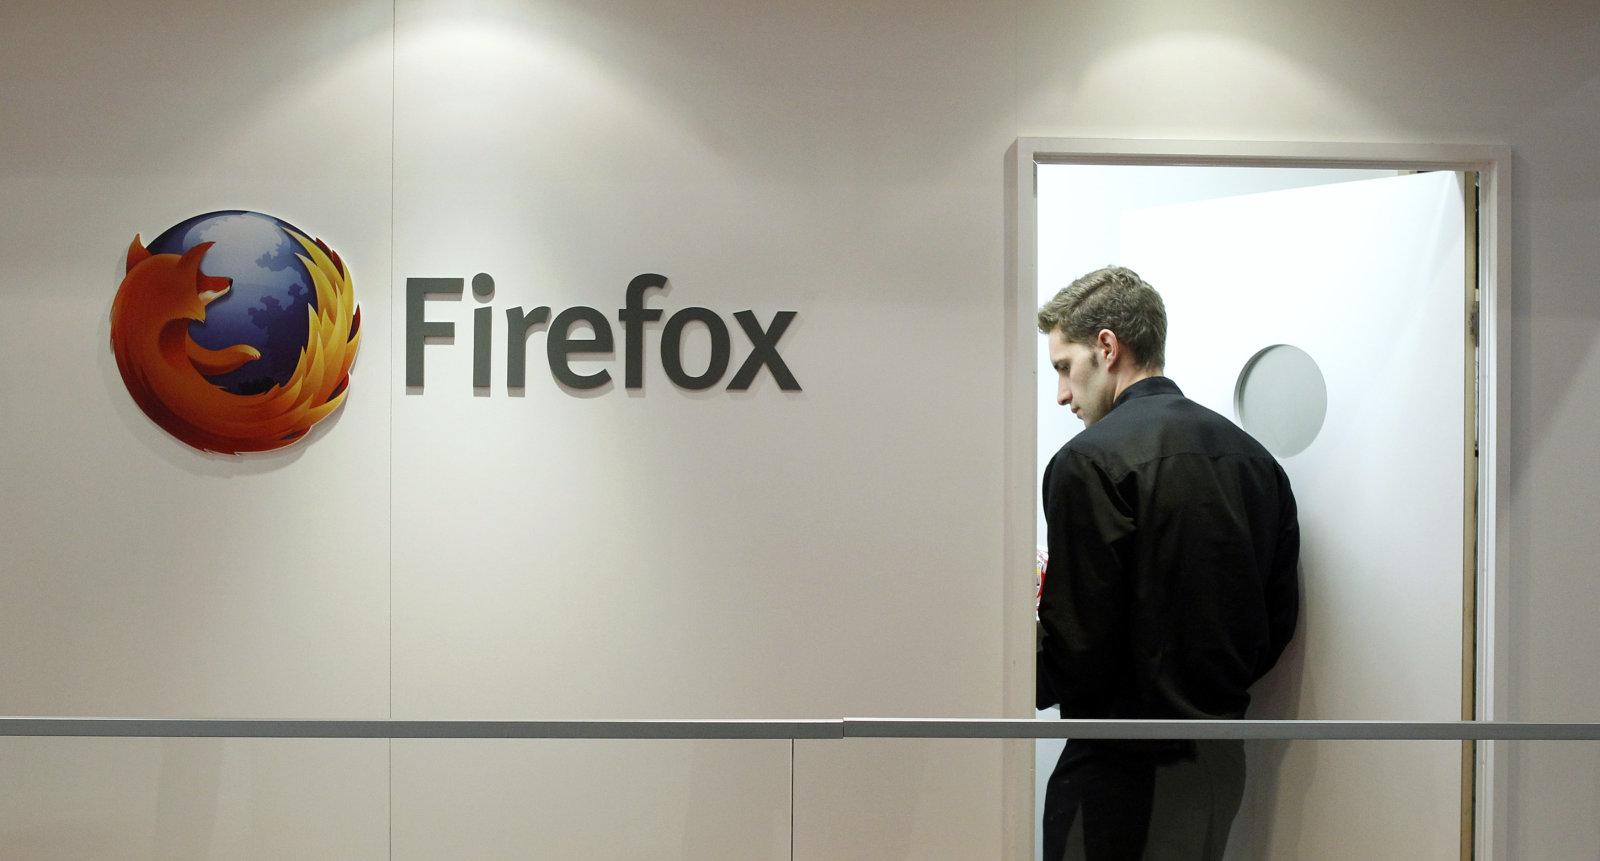 Поддержка Firefox для WindowsXP иVista закончится в будущем 2018-ом году